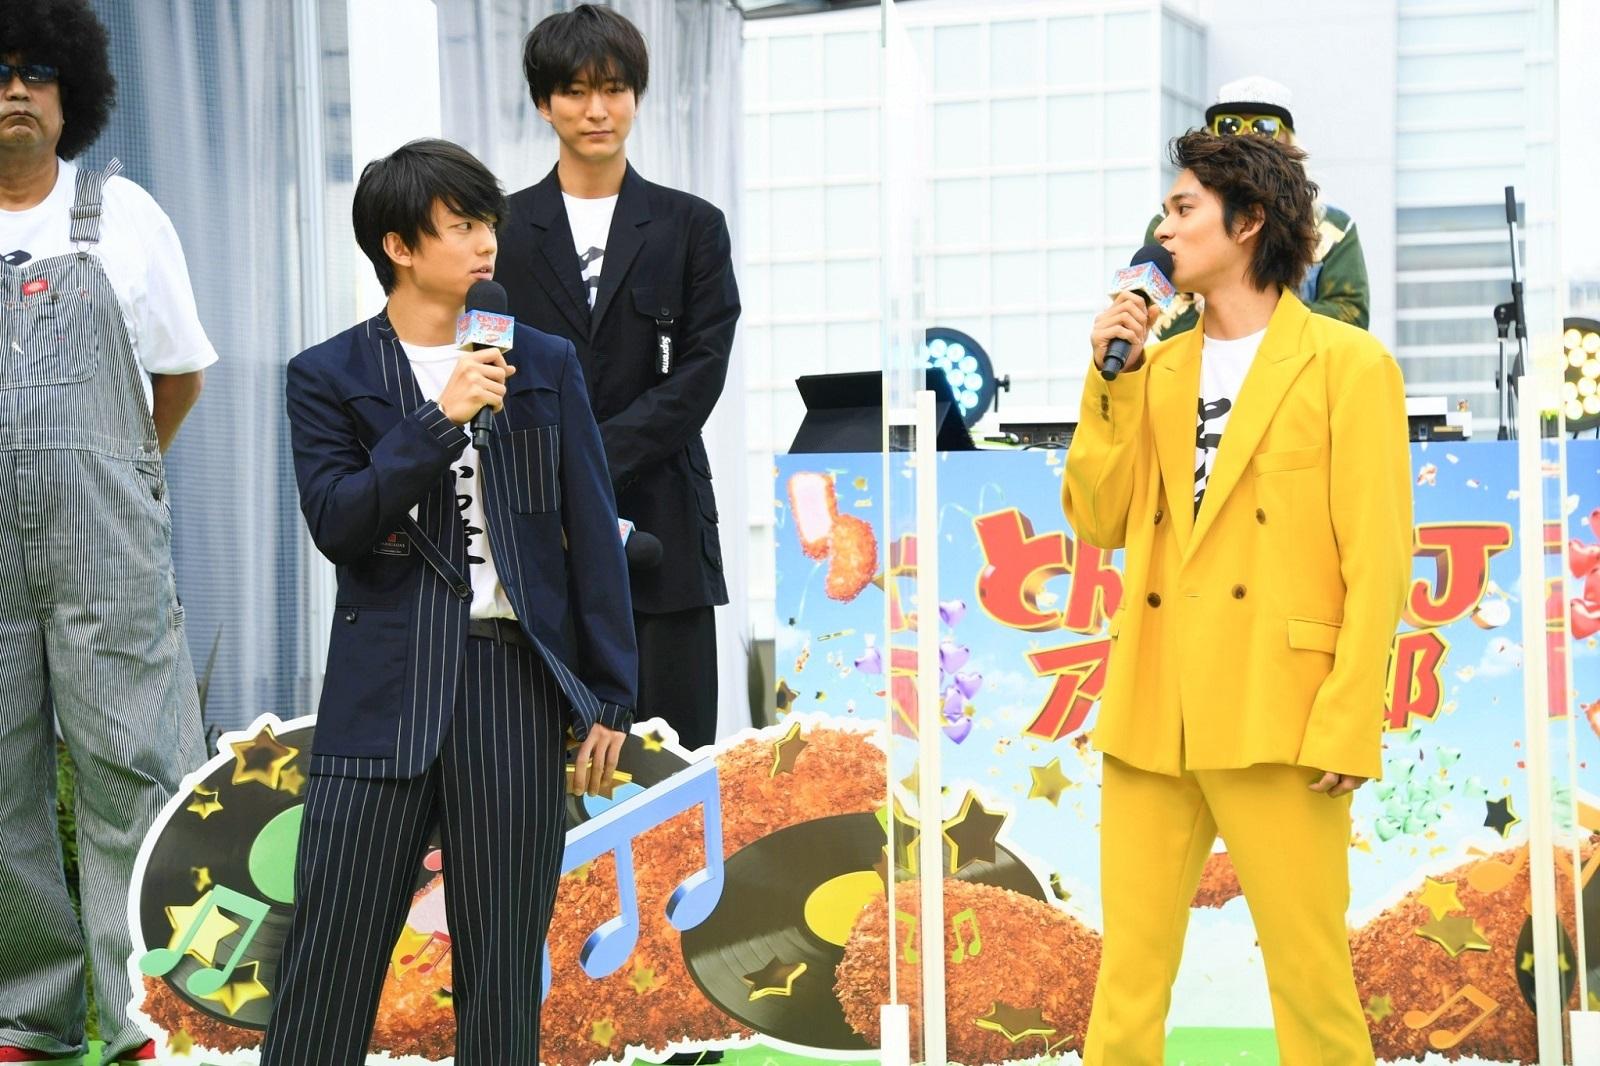 左から、伊藤健太郎、北村匠海